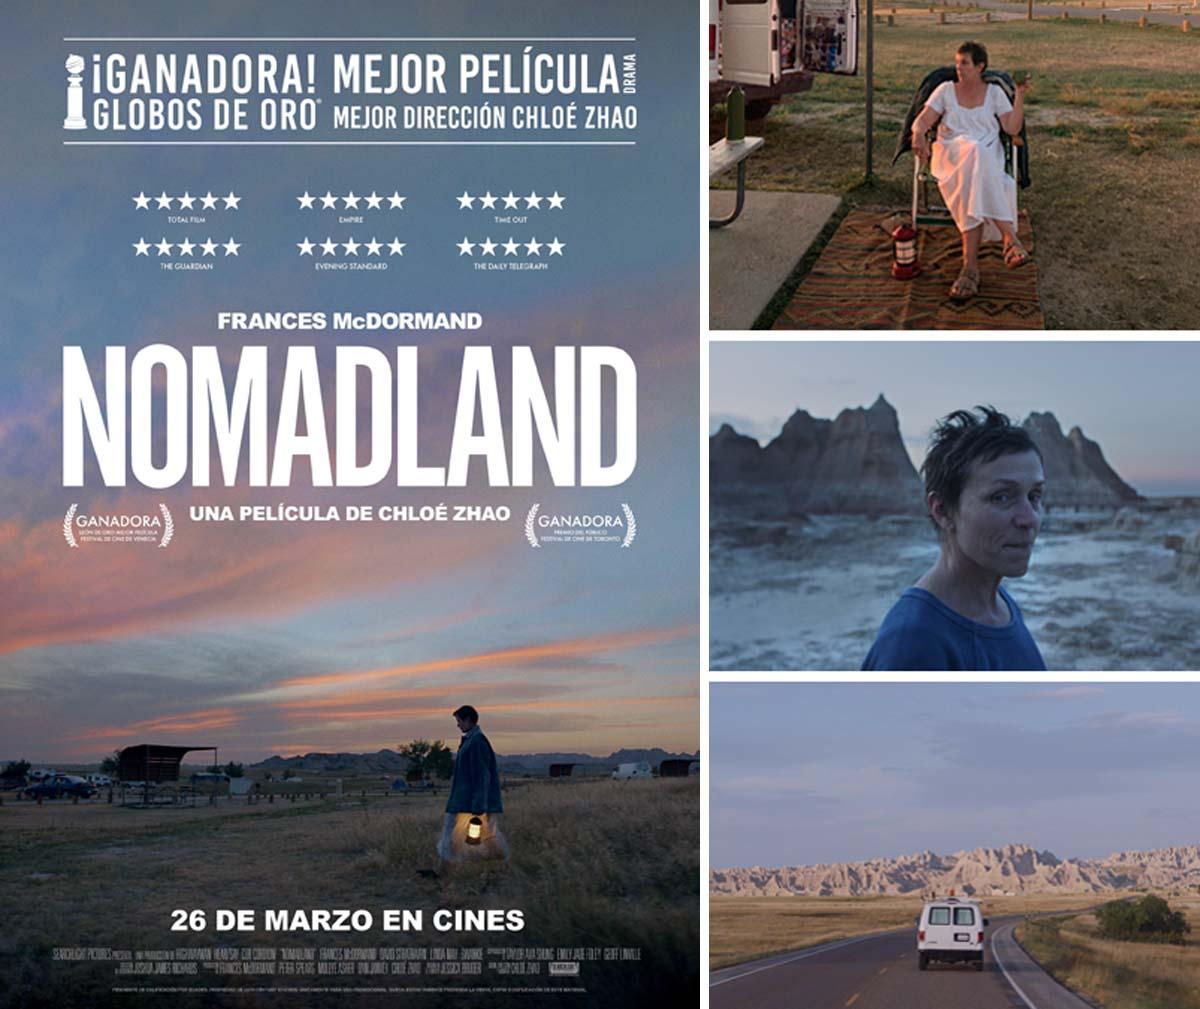 Imágenes y cartel de la película Nomadland